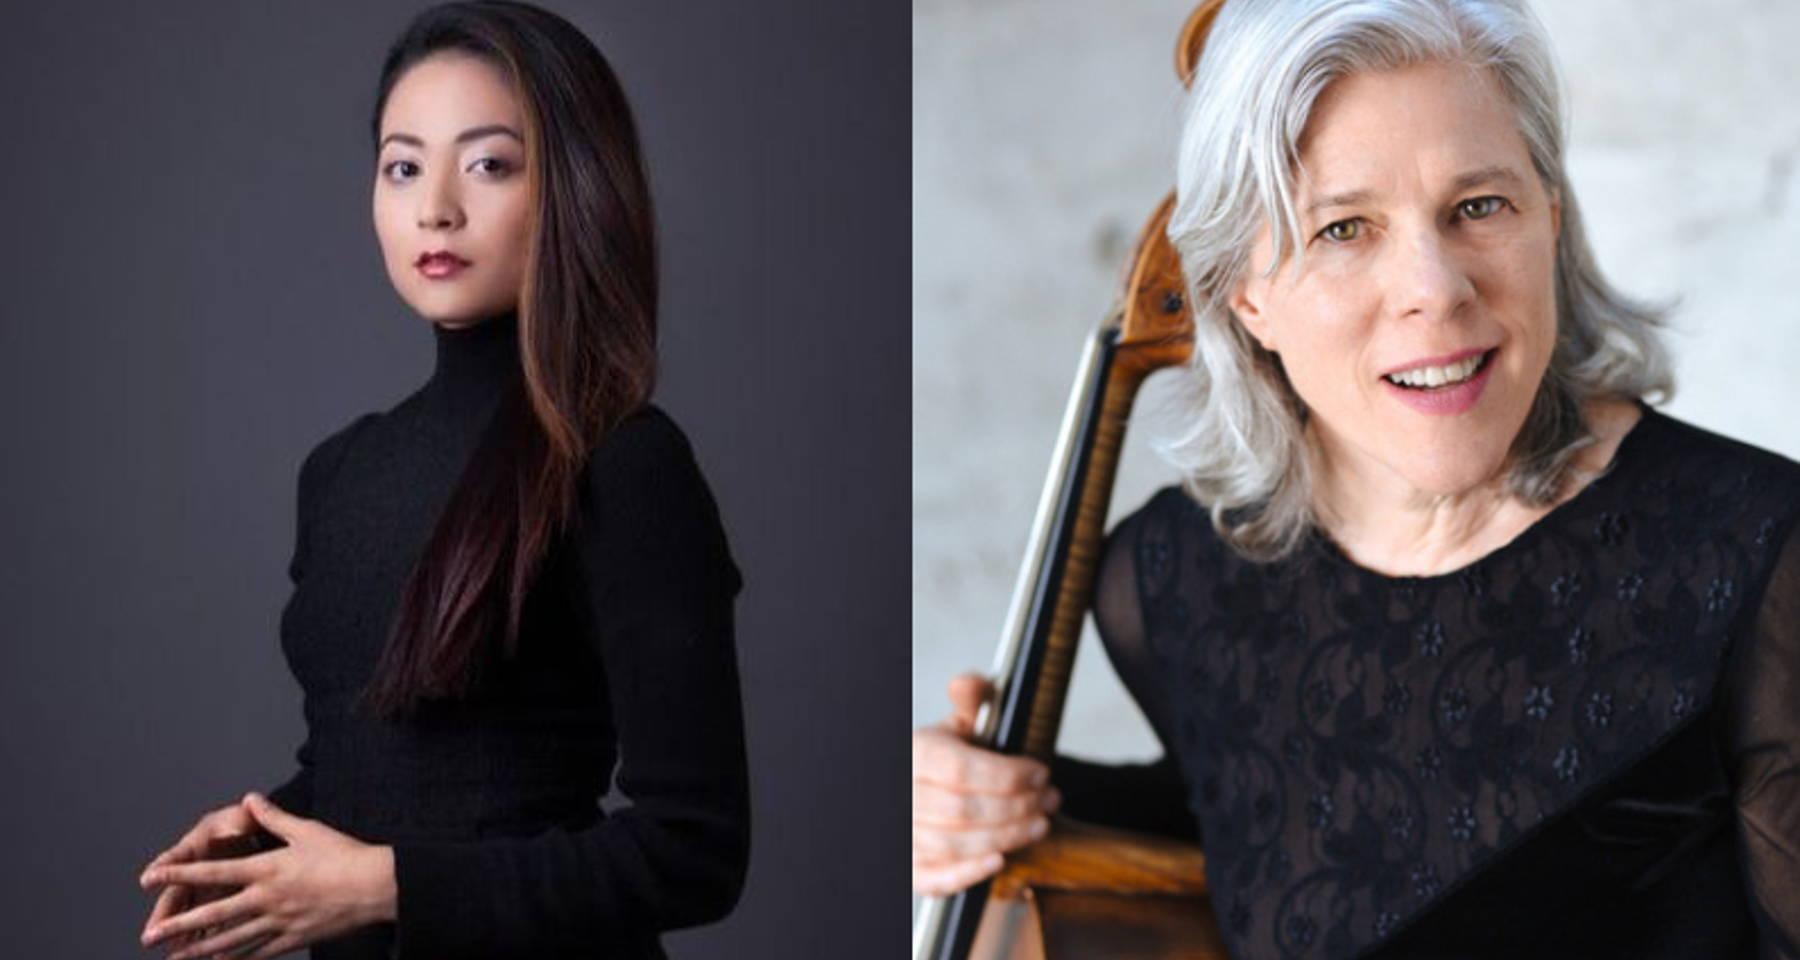 Audrey Vardanega & Tanya Tomkins celebrate Beethoven's 250th